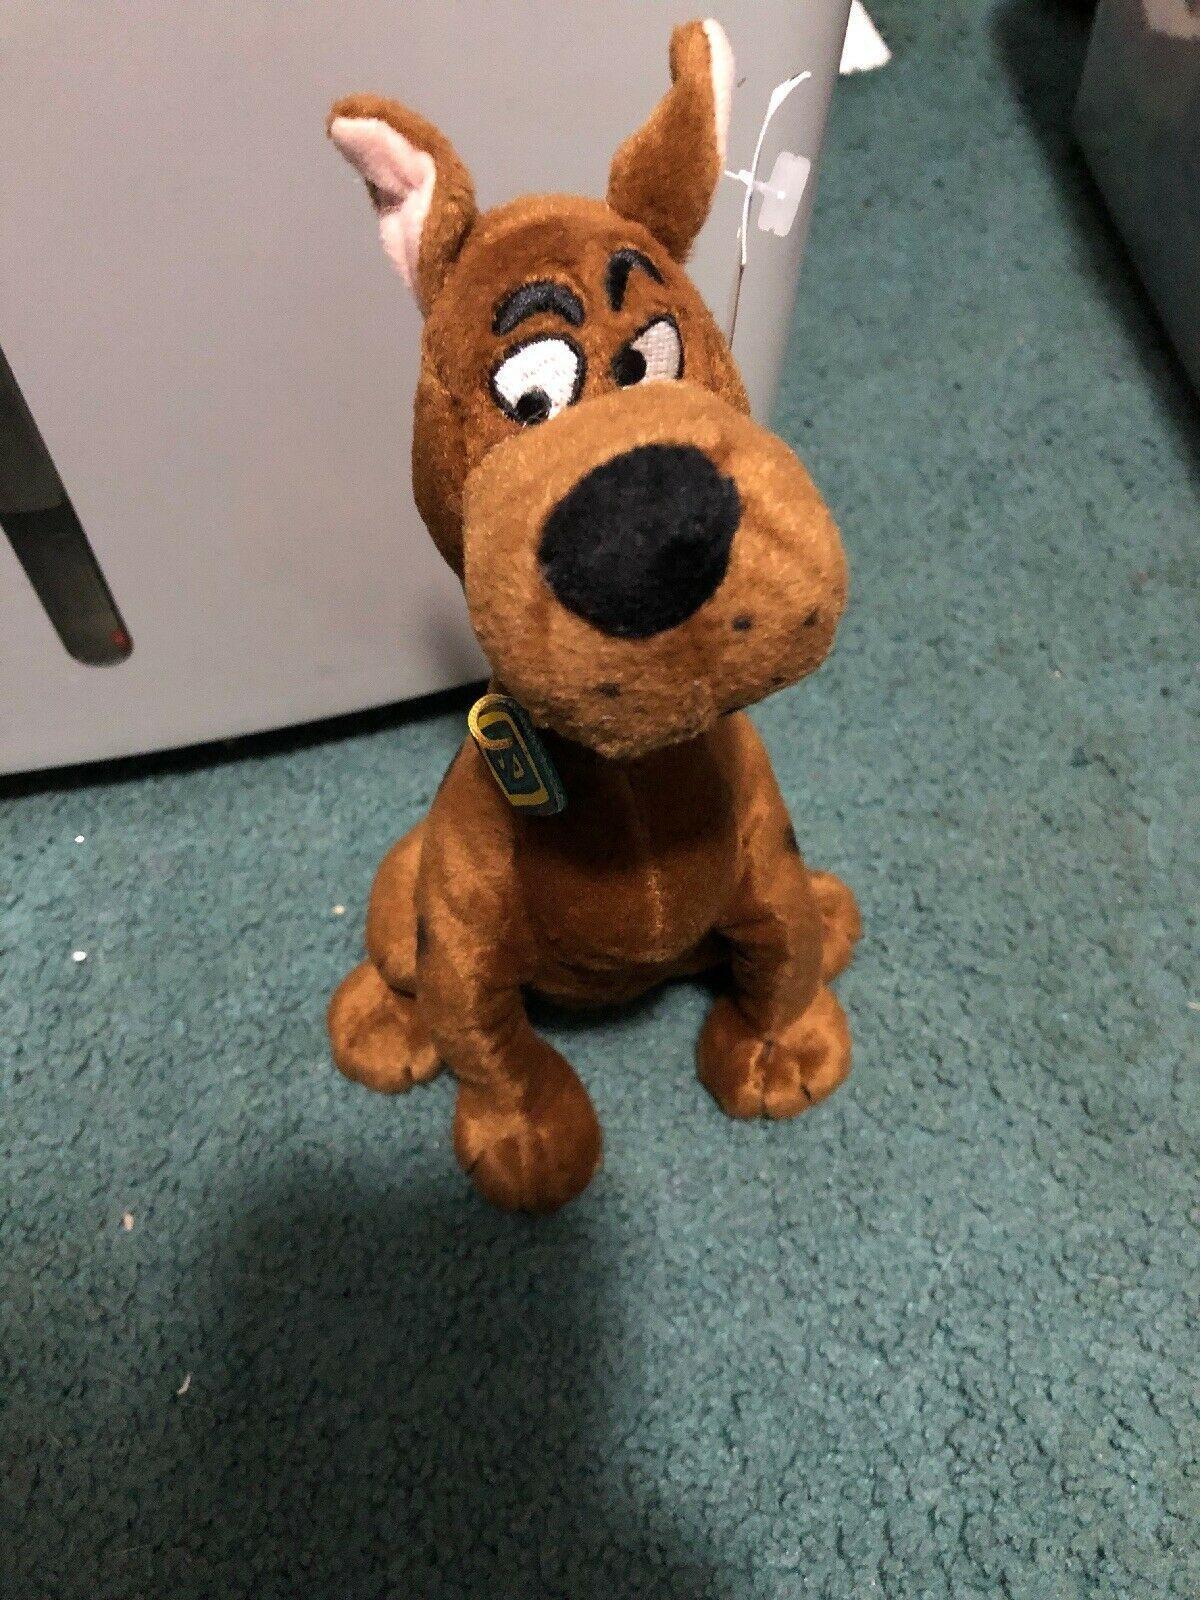 19++ Scooby doo stuffed animal images